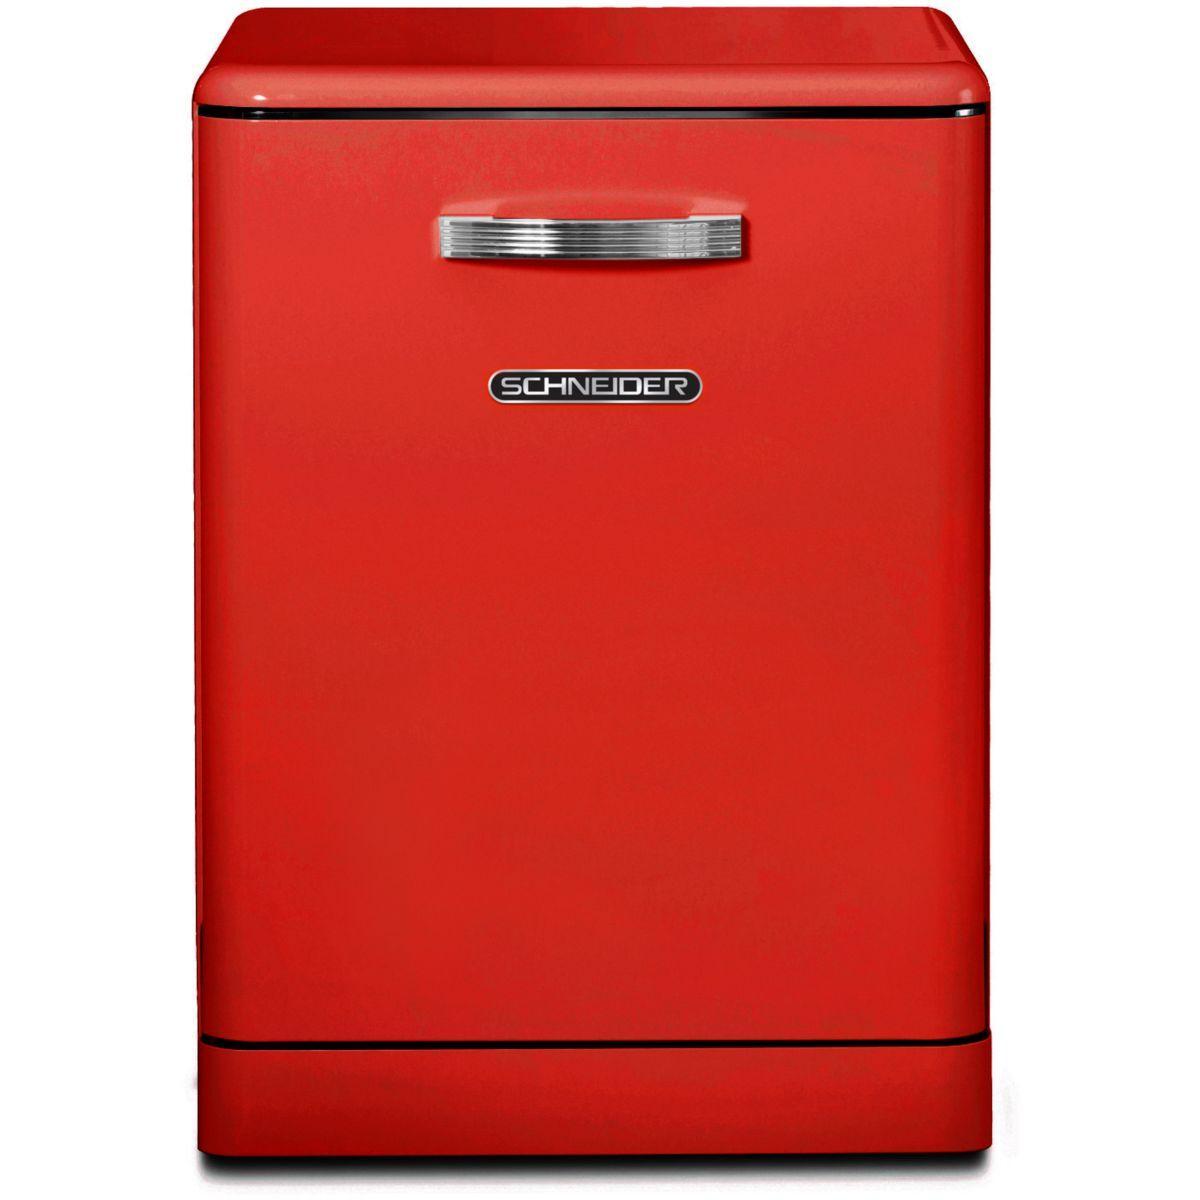 Lave vaisselle 60 cm schneider sdw1444vr vintage rouge - 15% de remise imm�diate avec le code : gam15 (photo)